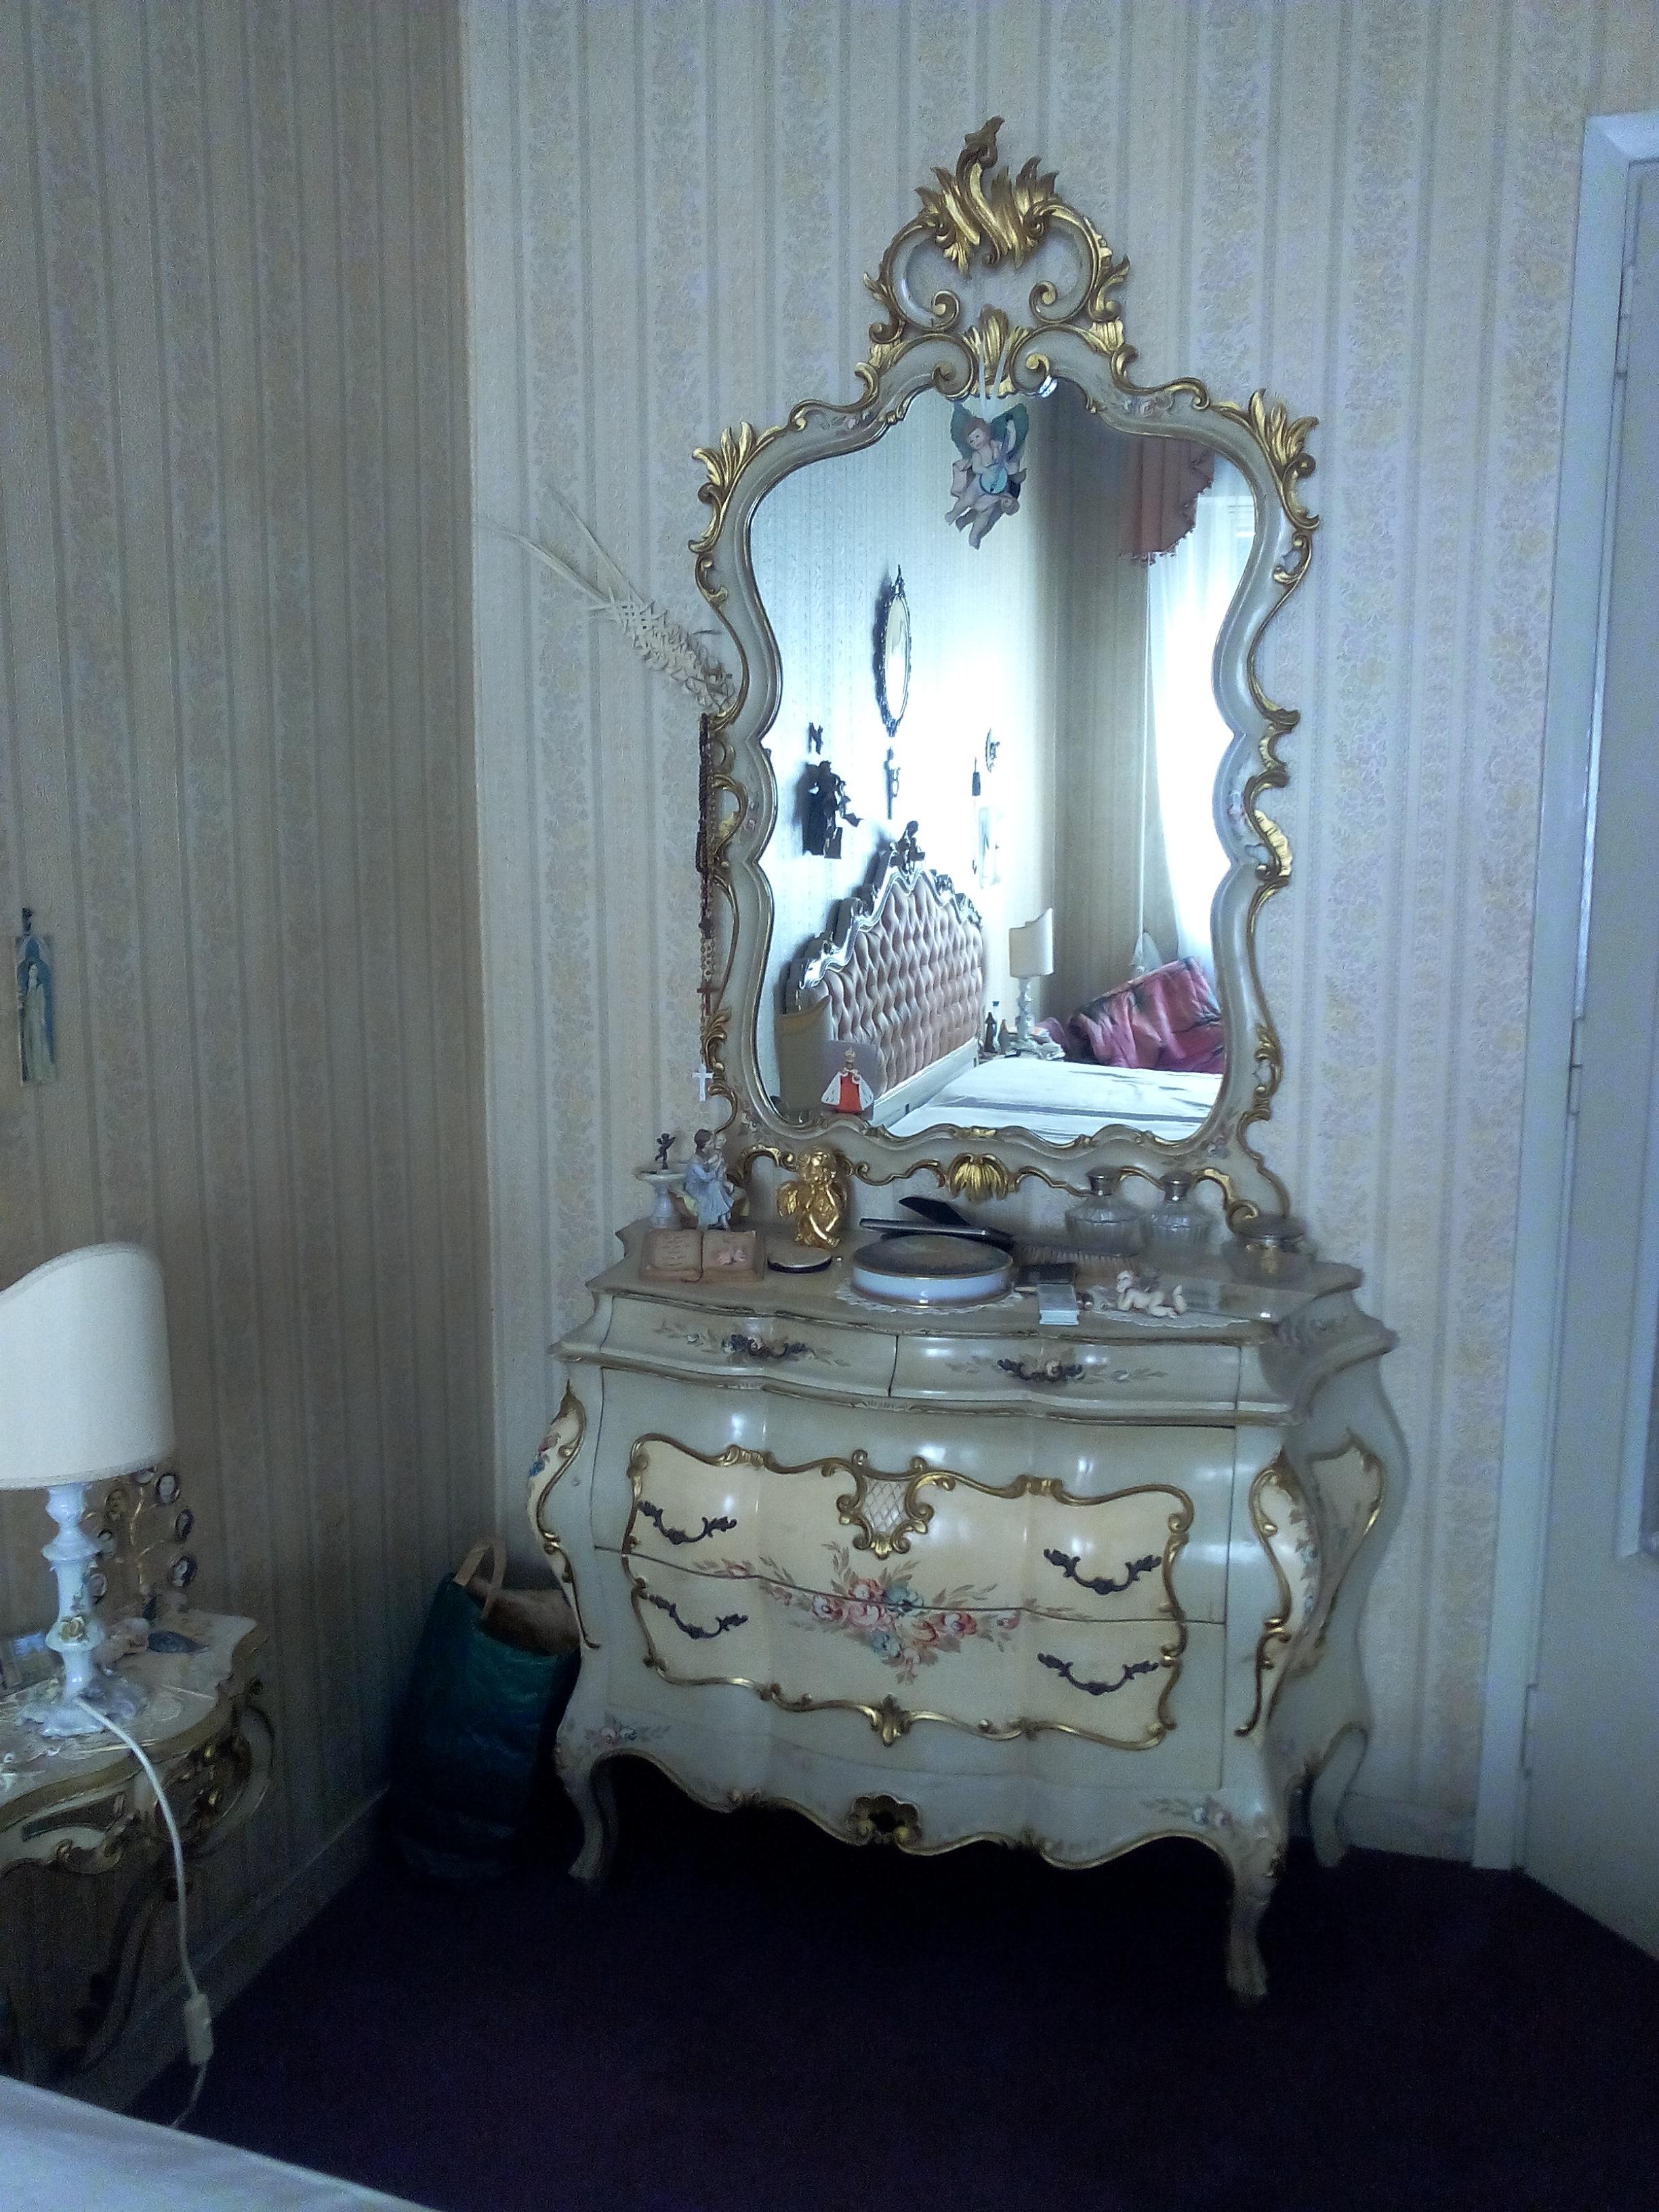 Camera da letto mimmo professionista dell 39 usato - Camera da letto barocco veneziano usato ...